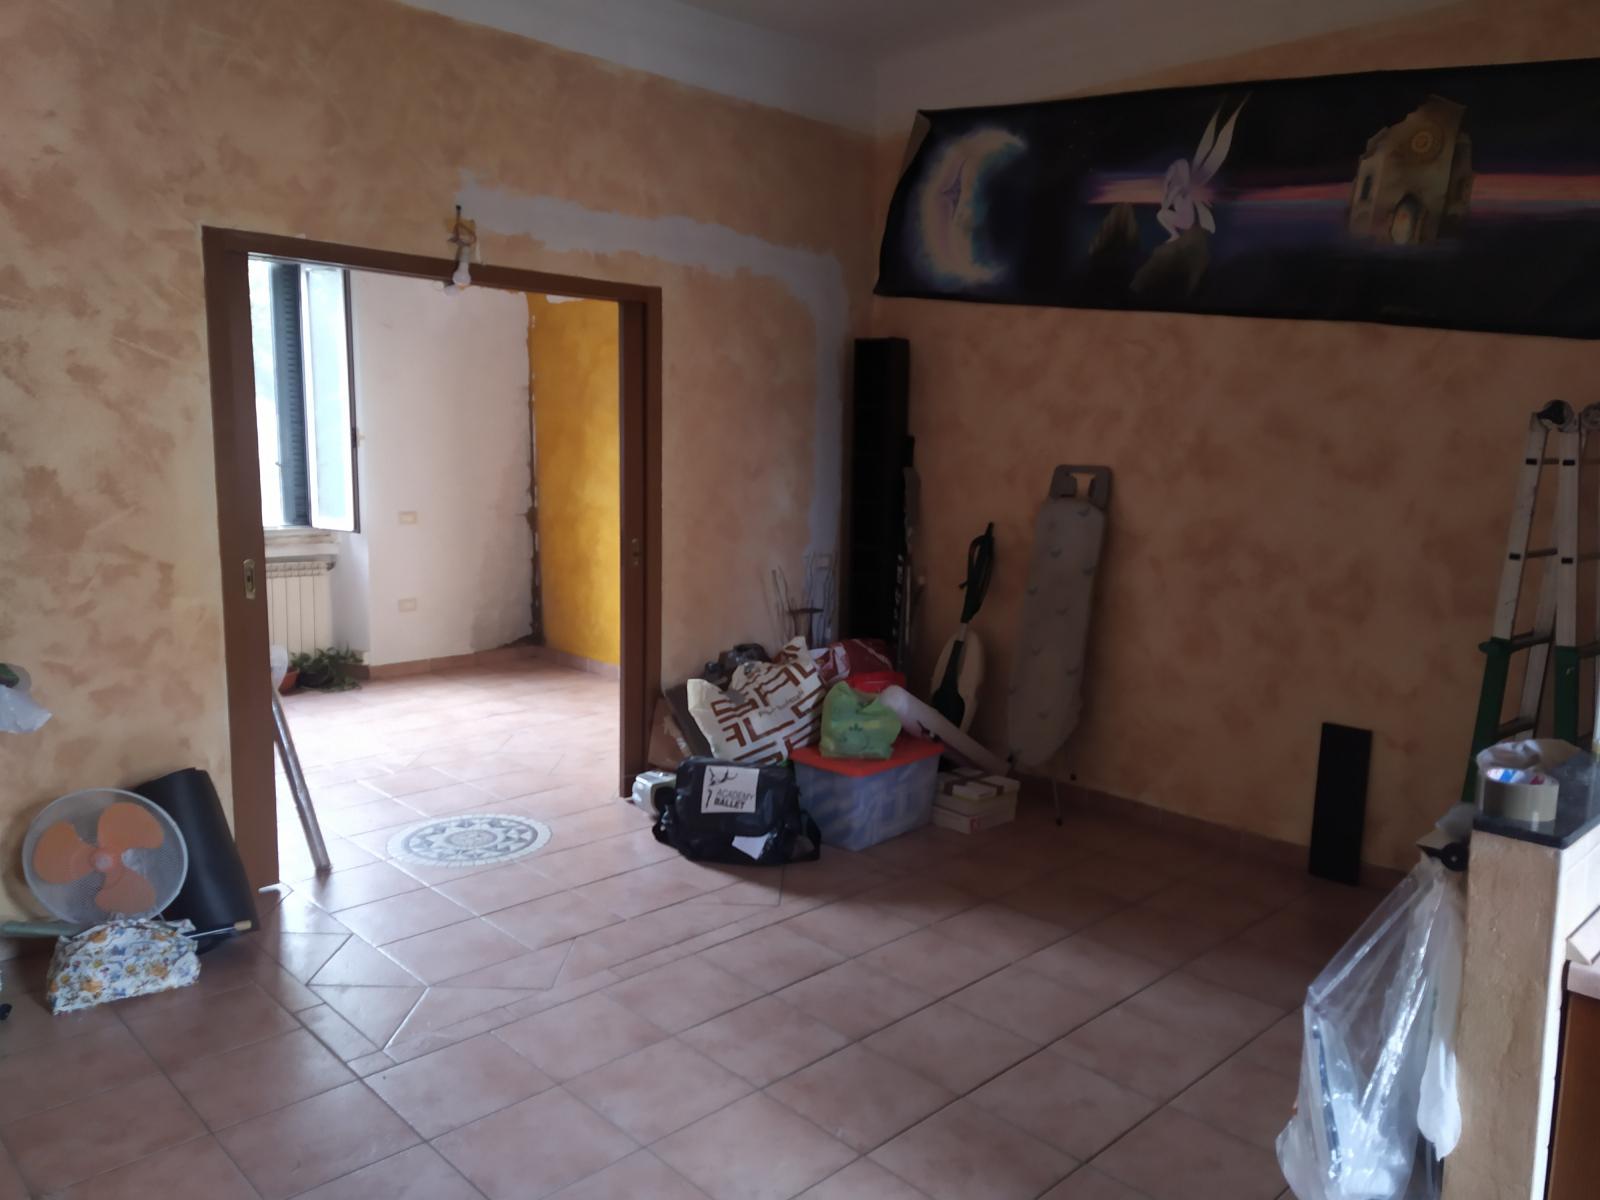 appatamento-in-vendita-a-milano-baggio-bilocale-2-locali-spaziourbano-immobiliare-vende-7